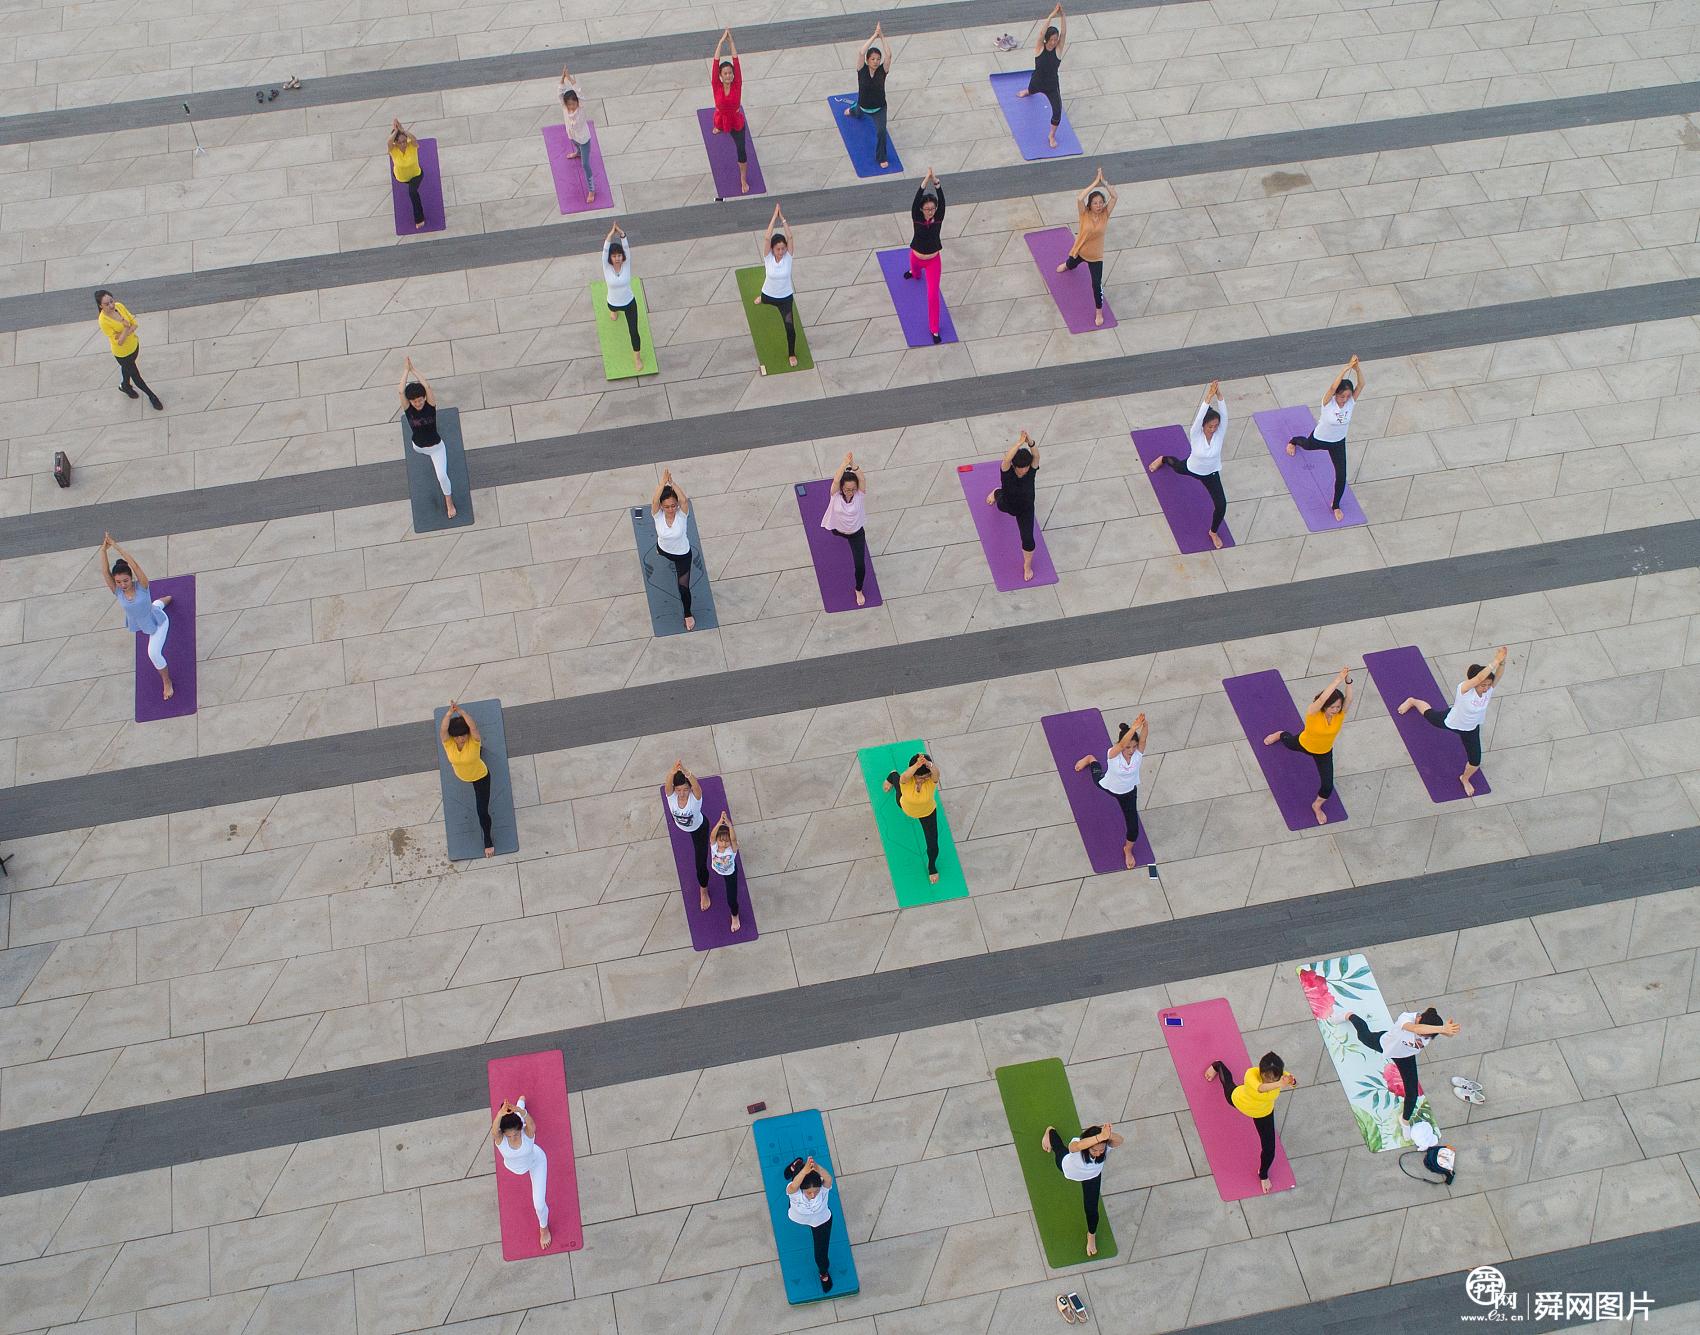 山东烟台:国际瑜伽日 爱好者海滨广场集体练瑜伽